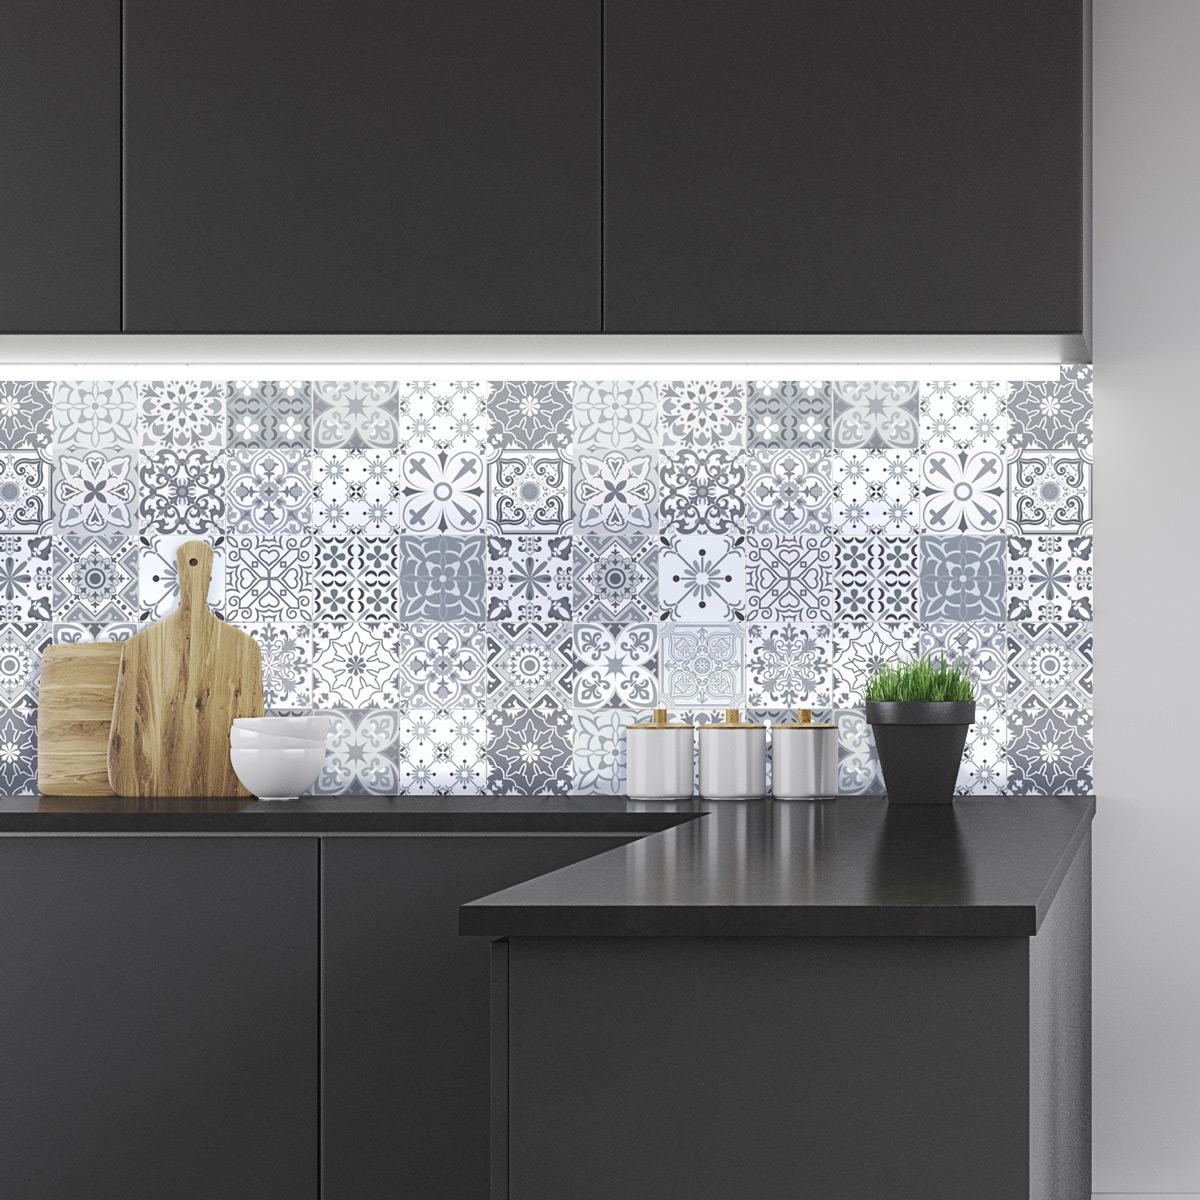 carreaux ciment mural comment poser du carrelage mural. Black Bedroom Furniture Sets. Home Design Ideas